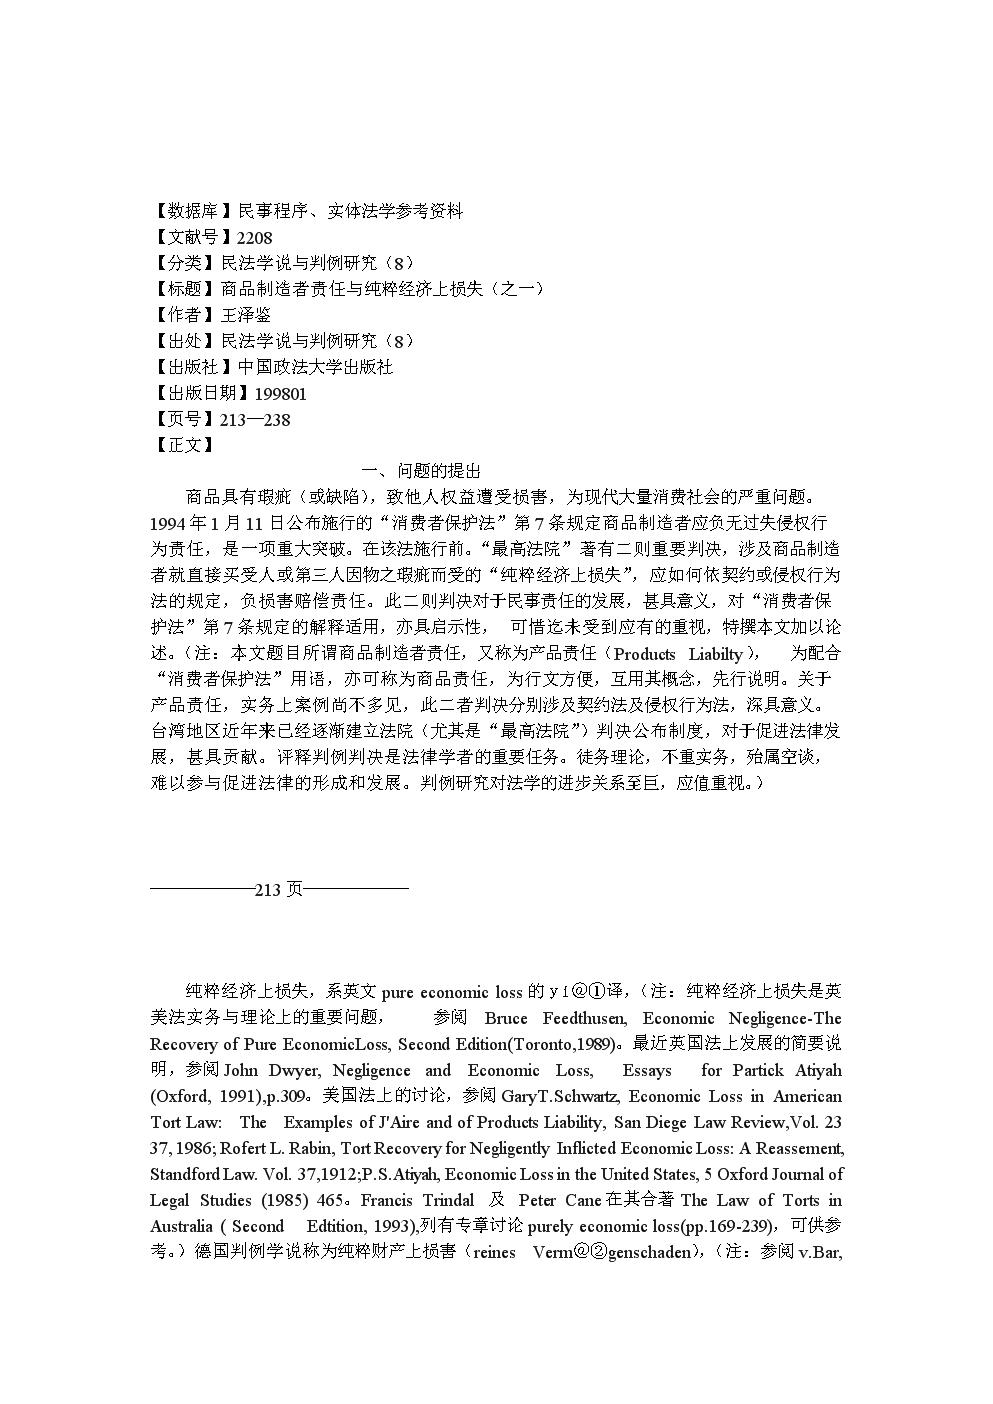 民法学说与判例研究 213-238.doc